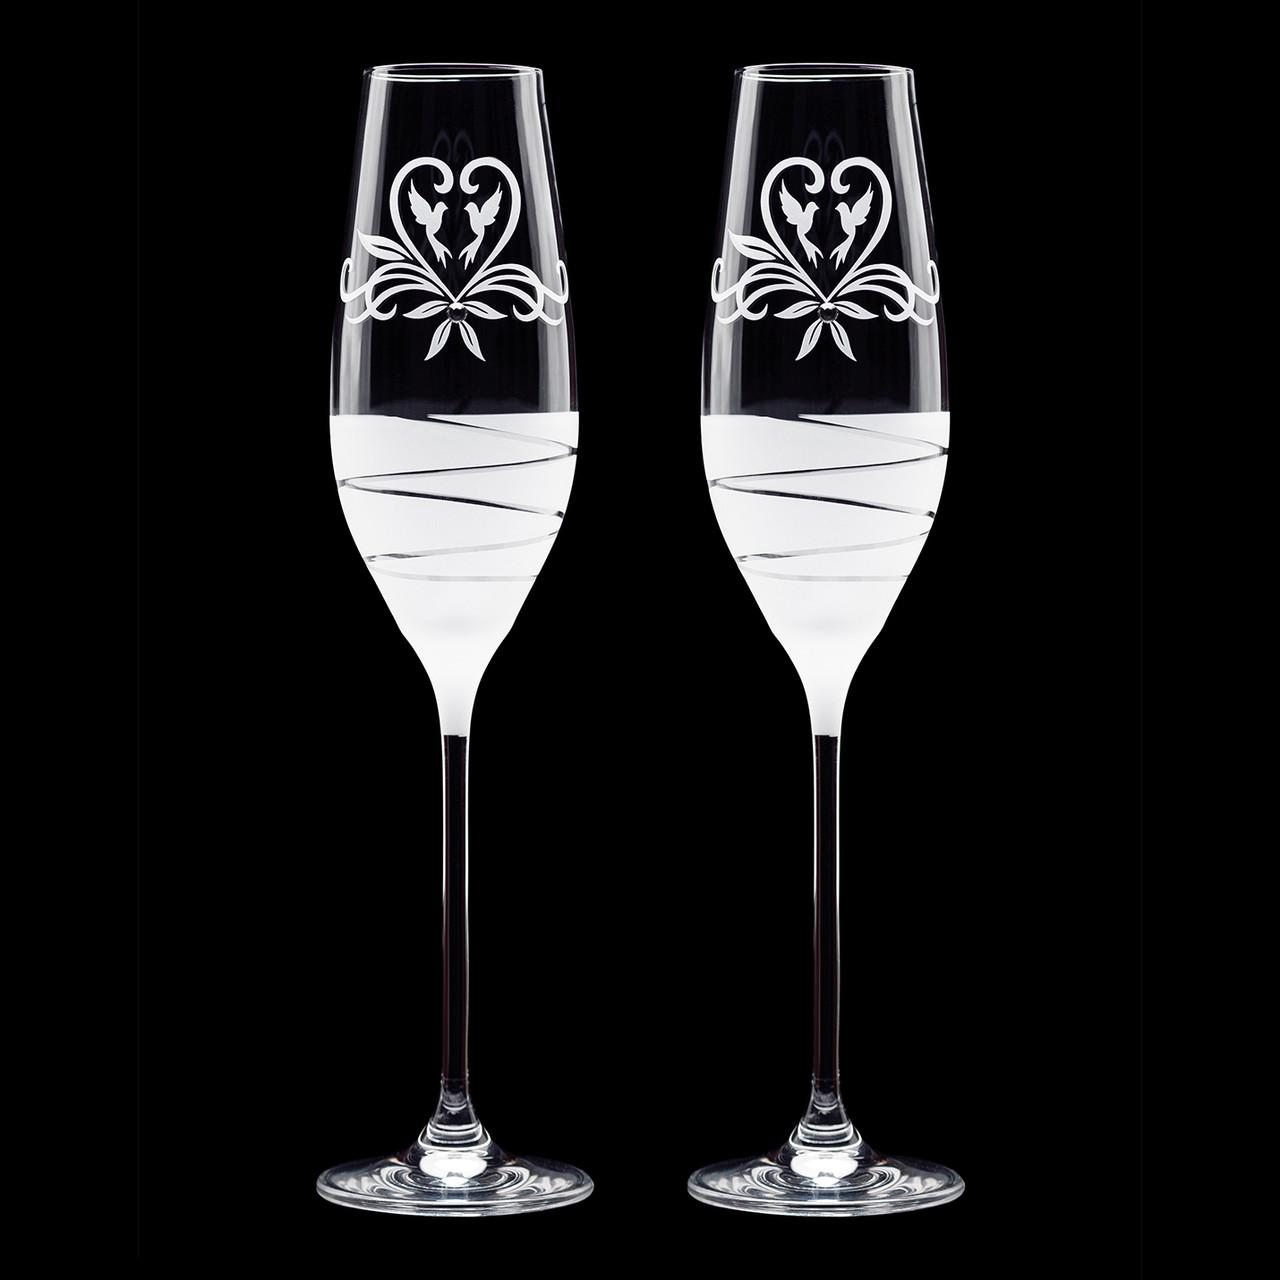 Свадебные бокалы для молодых с голубями